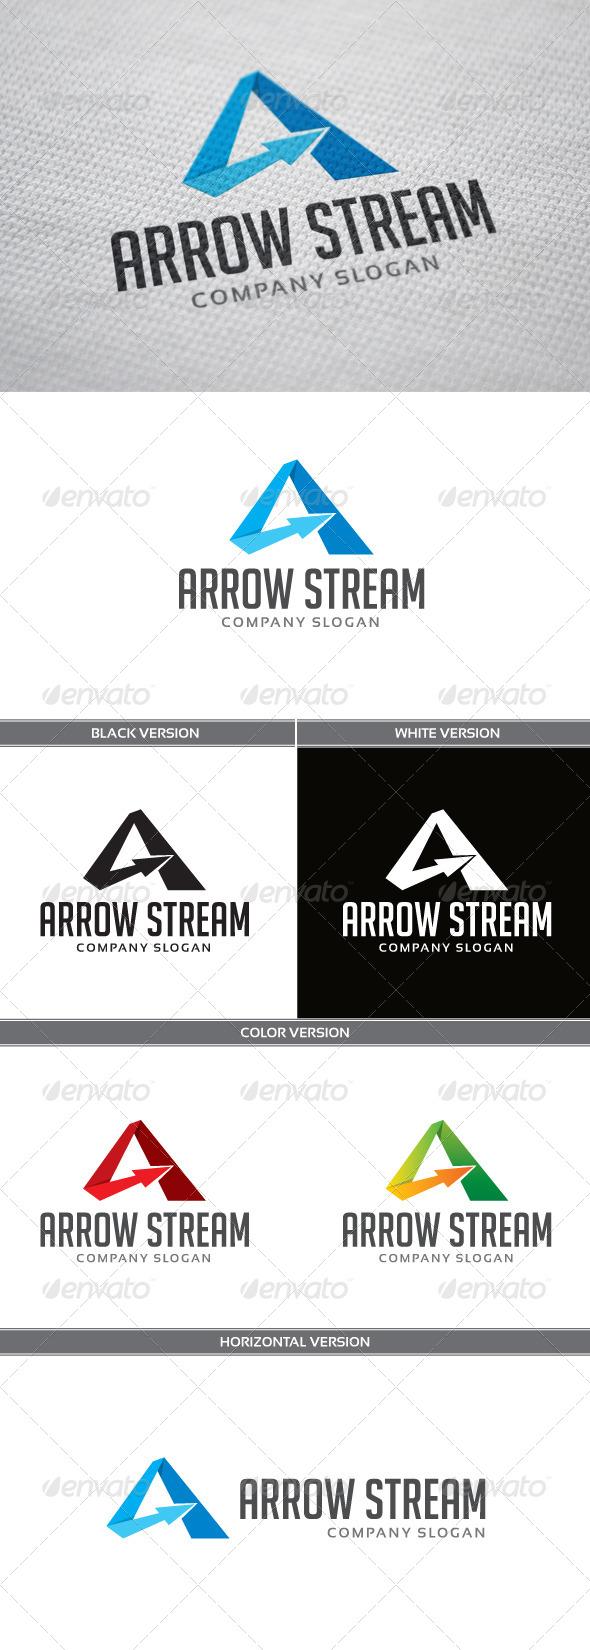 GraphicRiver Arrow Stream Logo 4772206